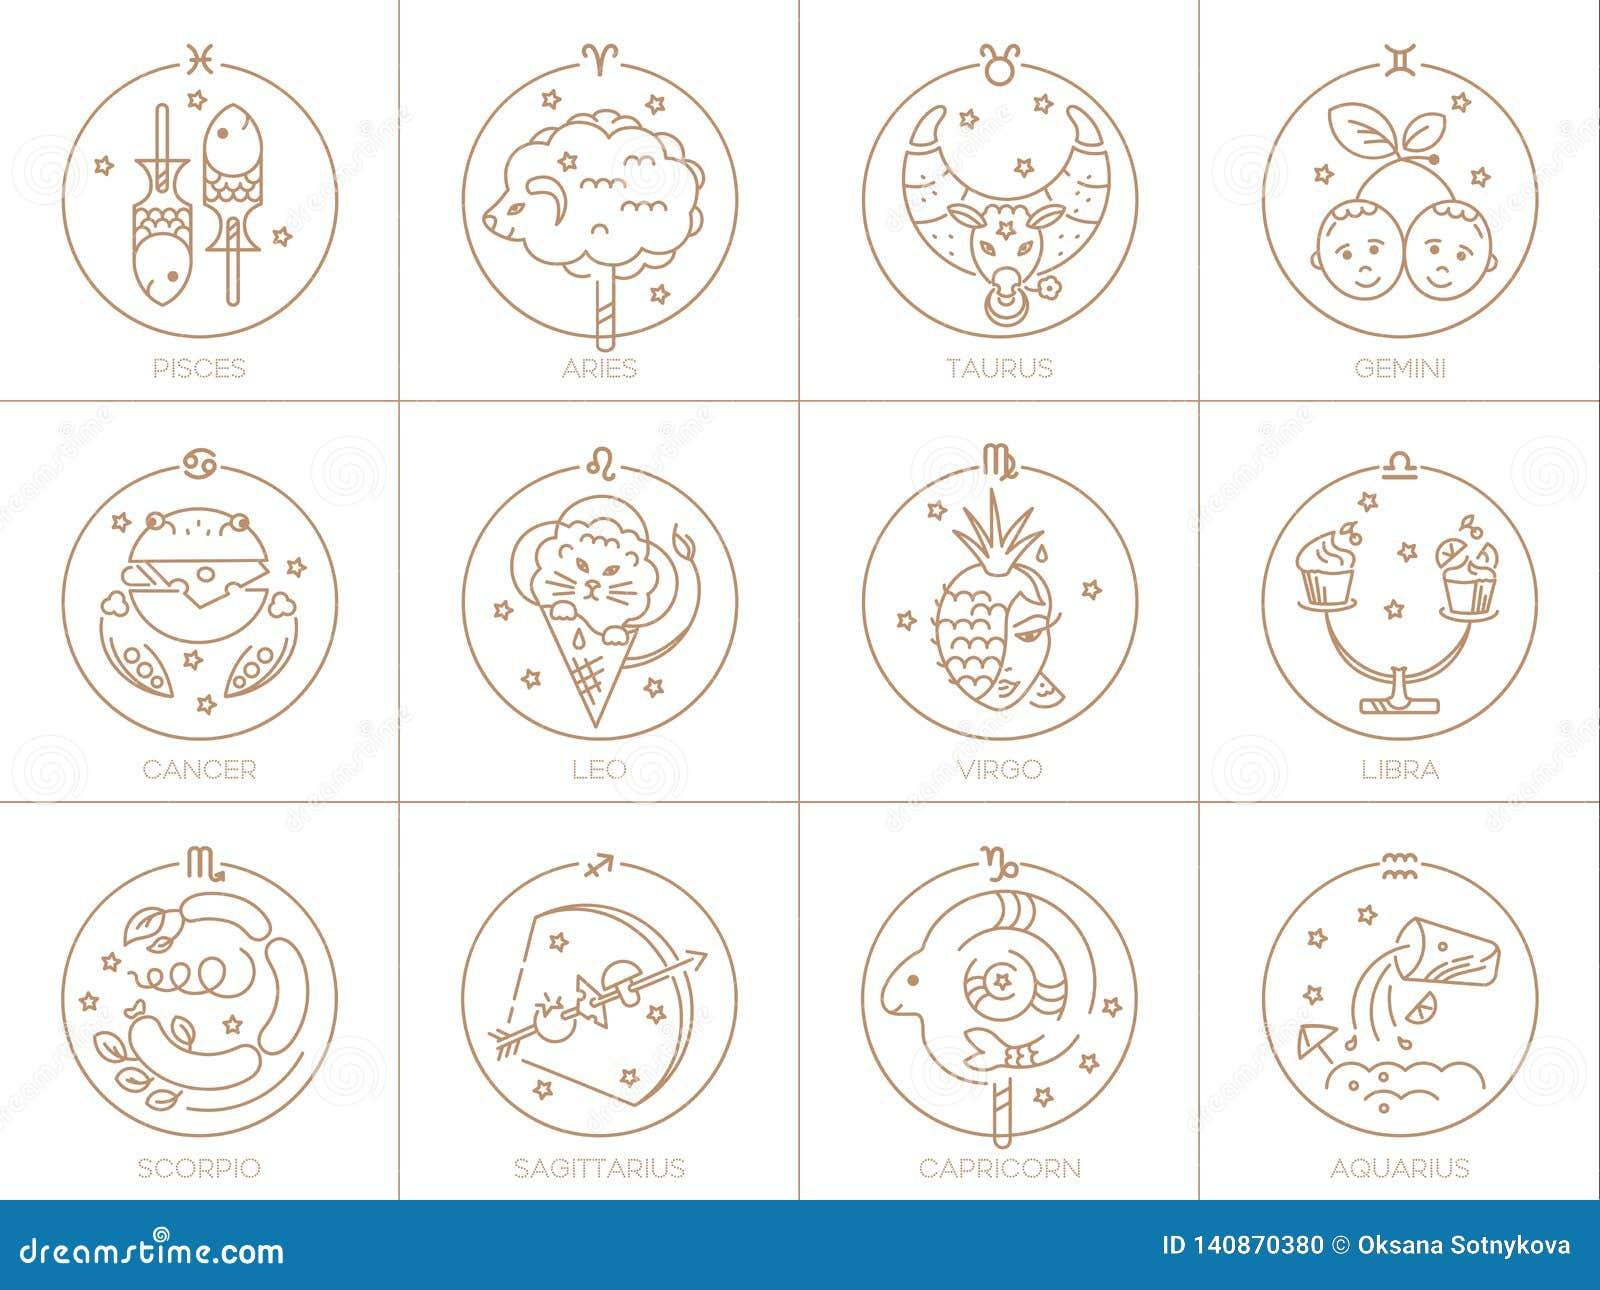 Vektorzeichen des Tierkreises in den Kreisen der goldenen Farbe auf einem weißen Hintergrund, einem Logo, einer Tätowierung oder